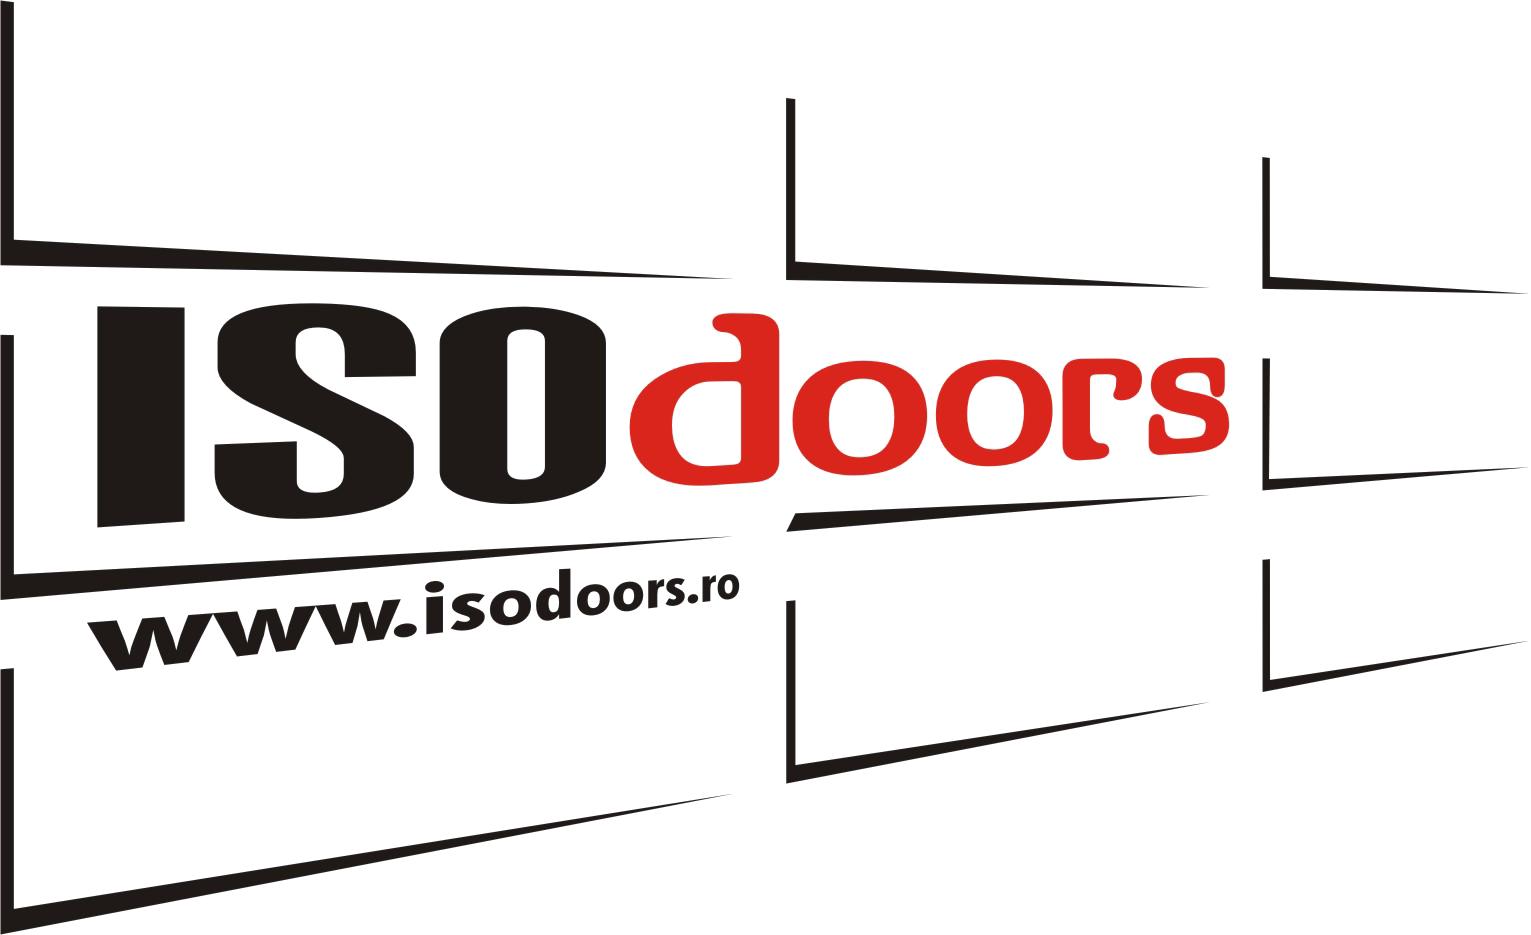 Isodoors